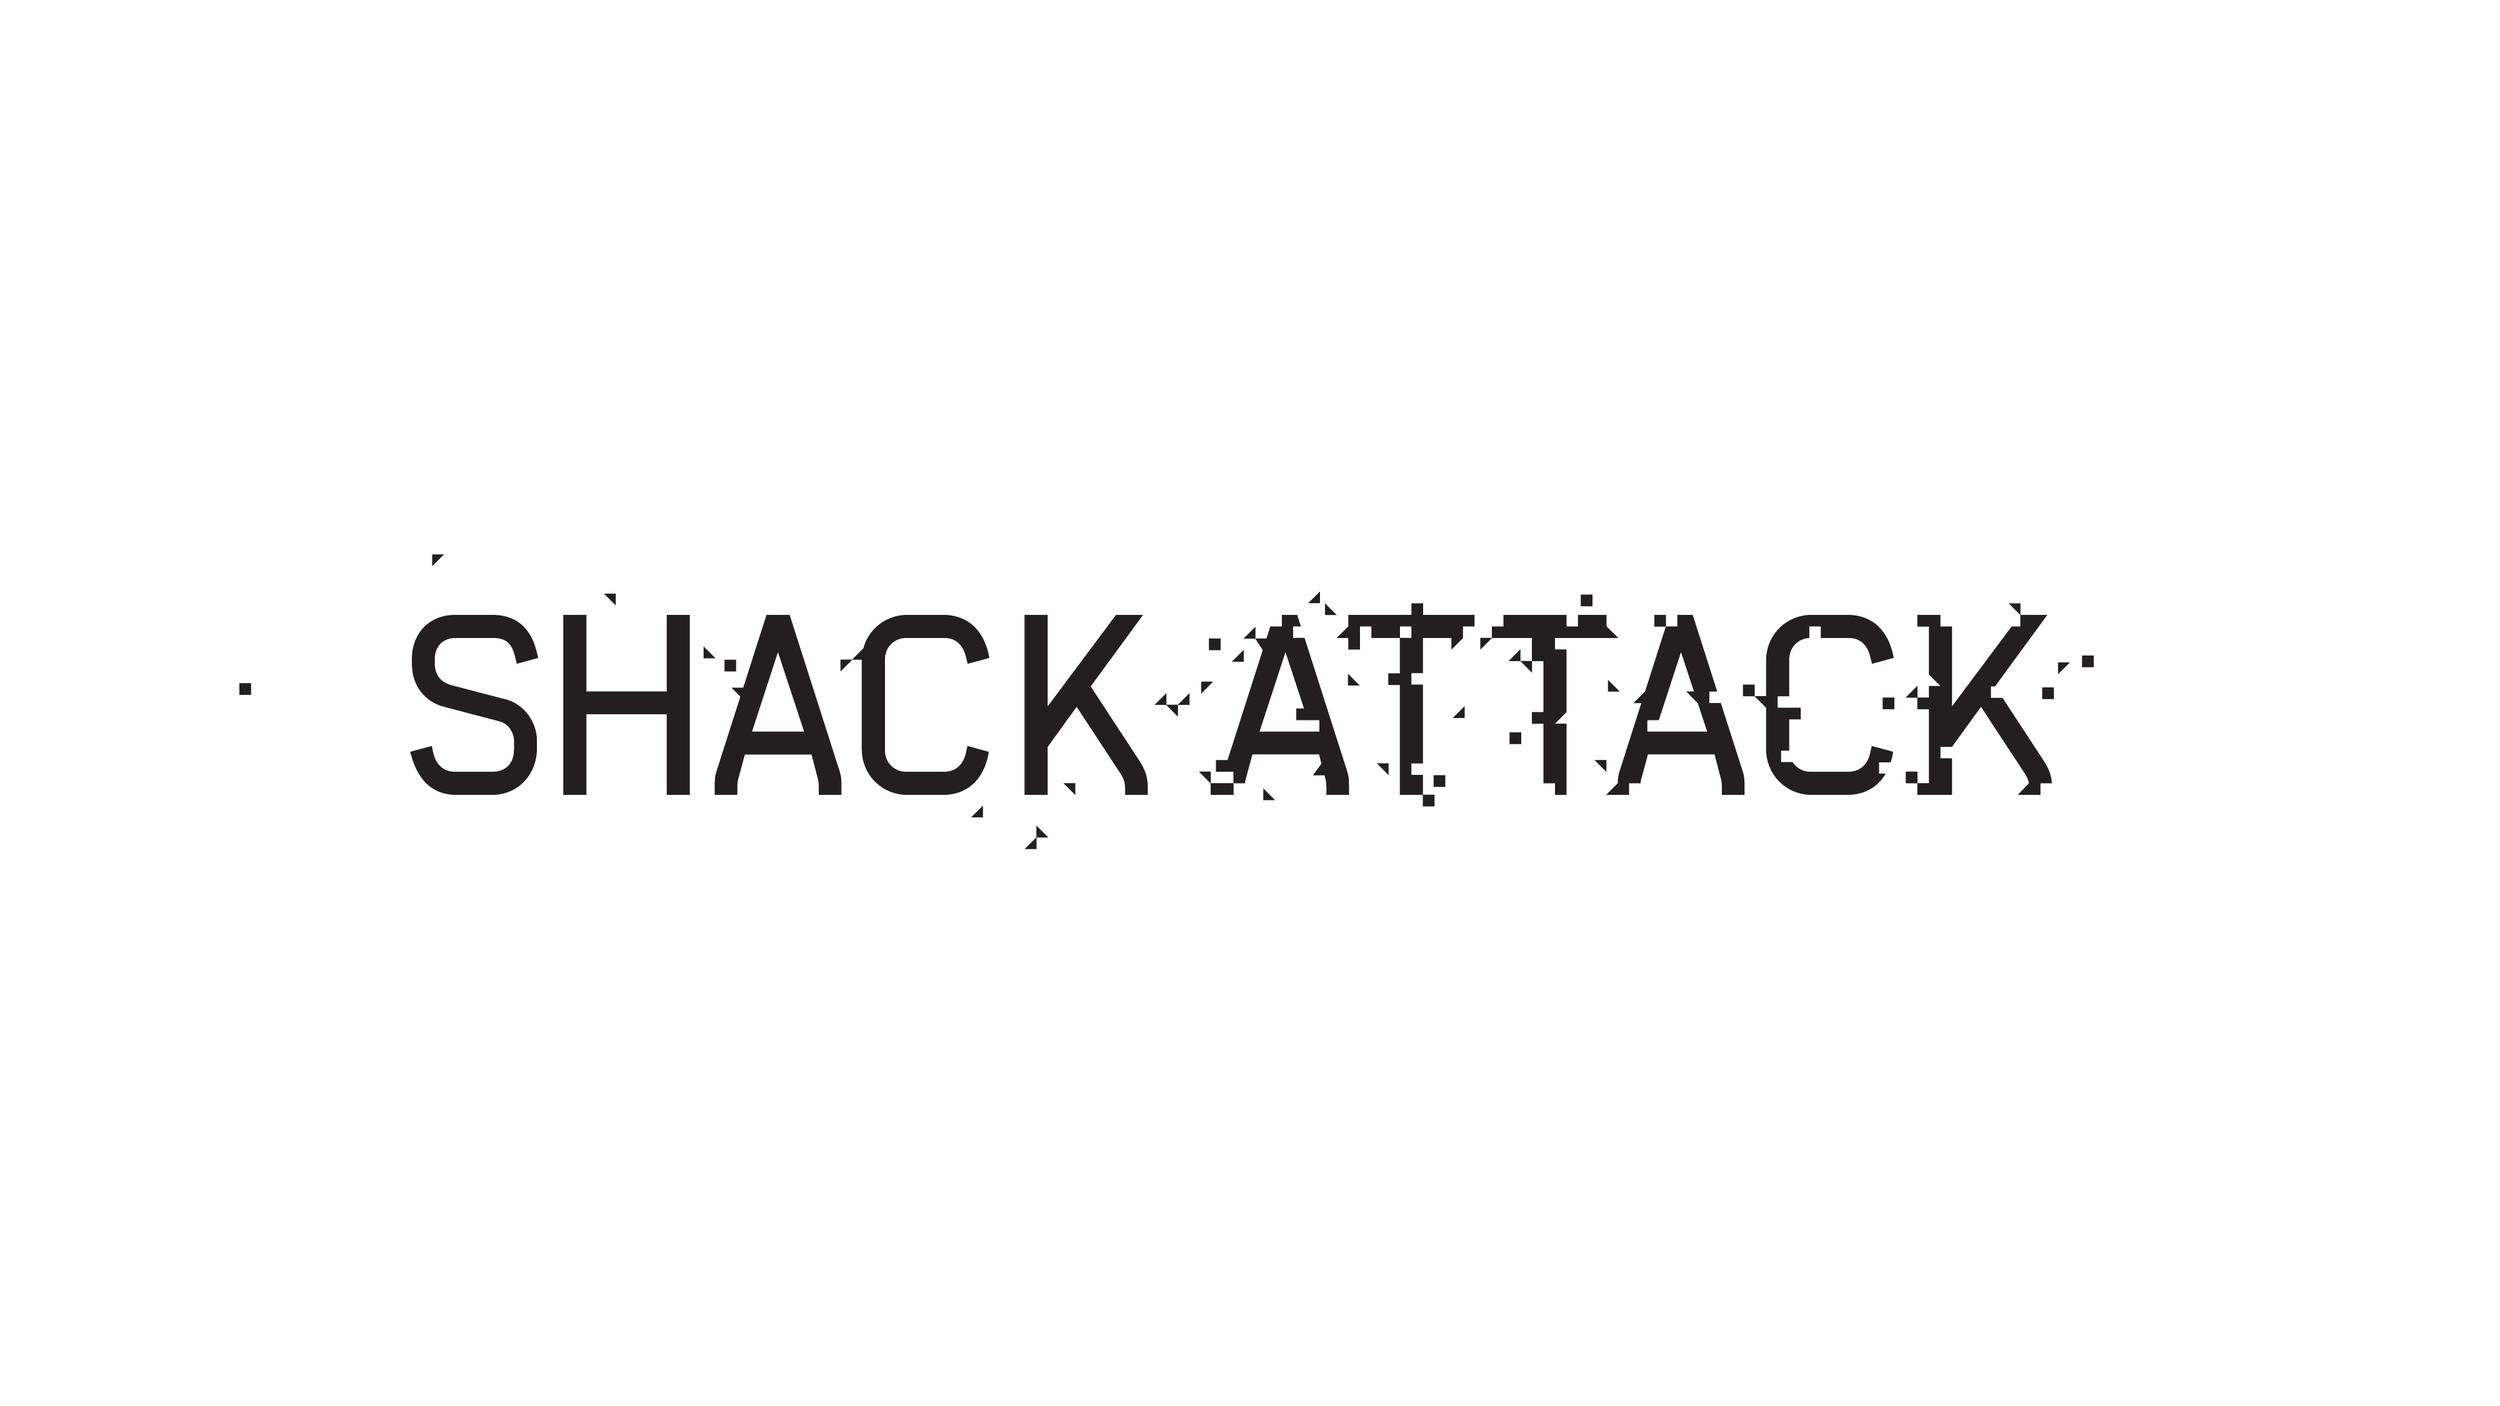 Shack_Attack_2_logo_1_o.jpg